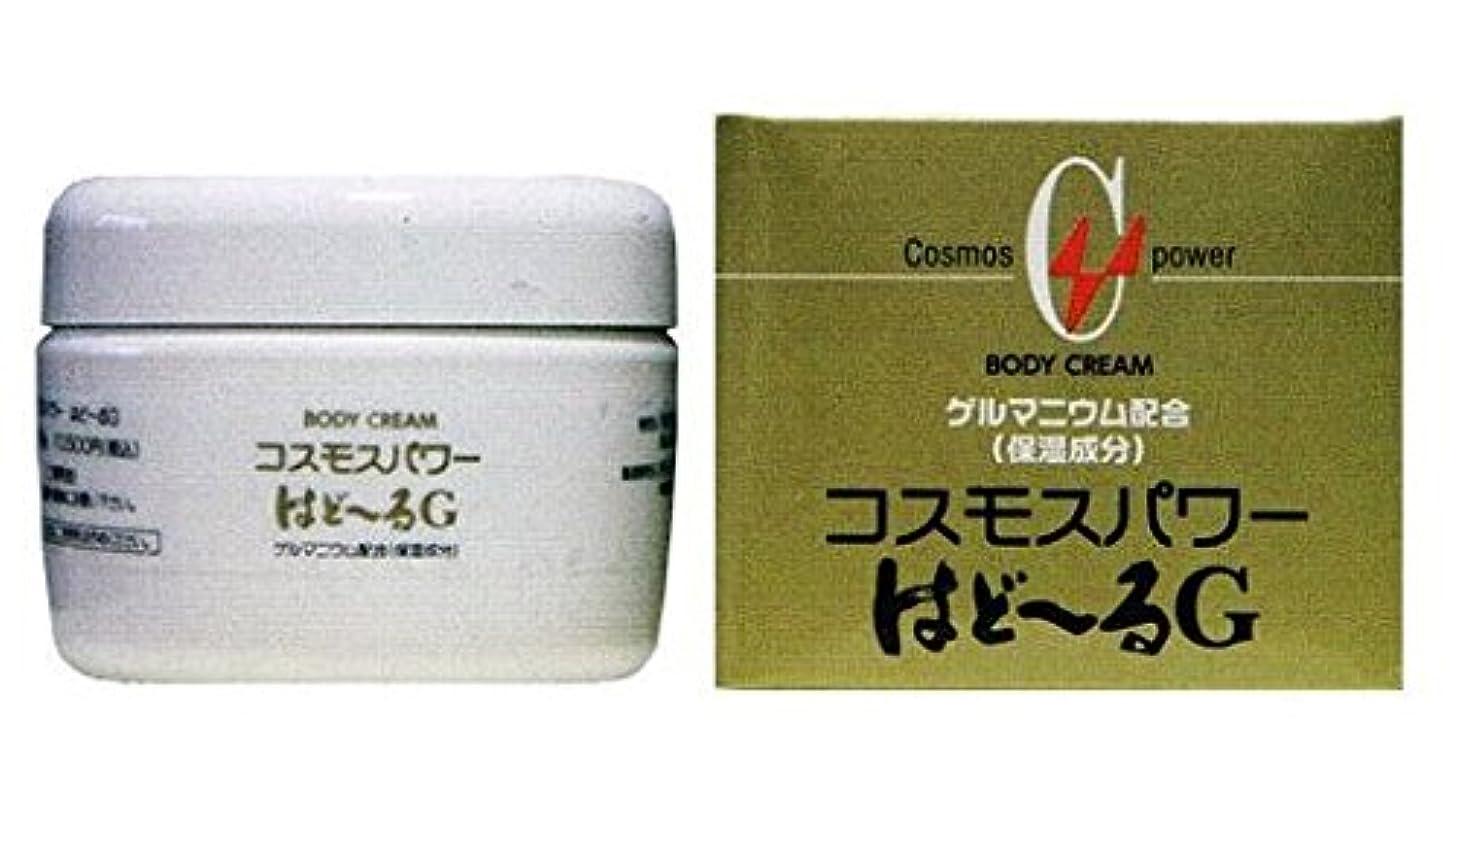 小じわ、子顔効果 コスモスパワーはど~るG (ゲルマニウム配合)  80g